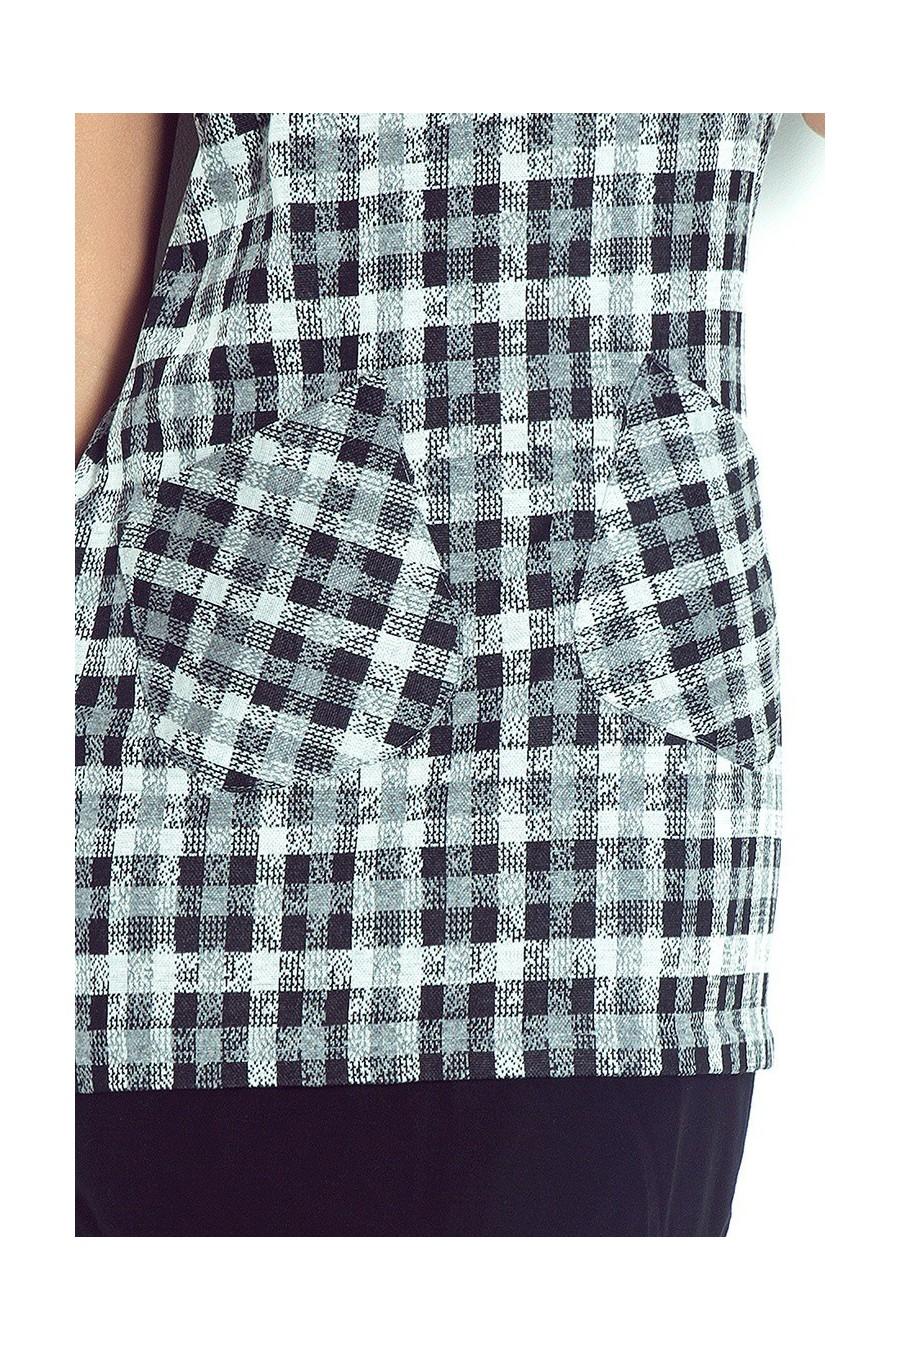 Šaty s kapsami v petite šedočerná mřížka 62-3